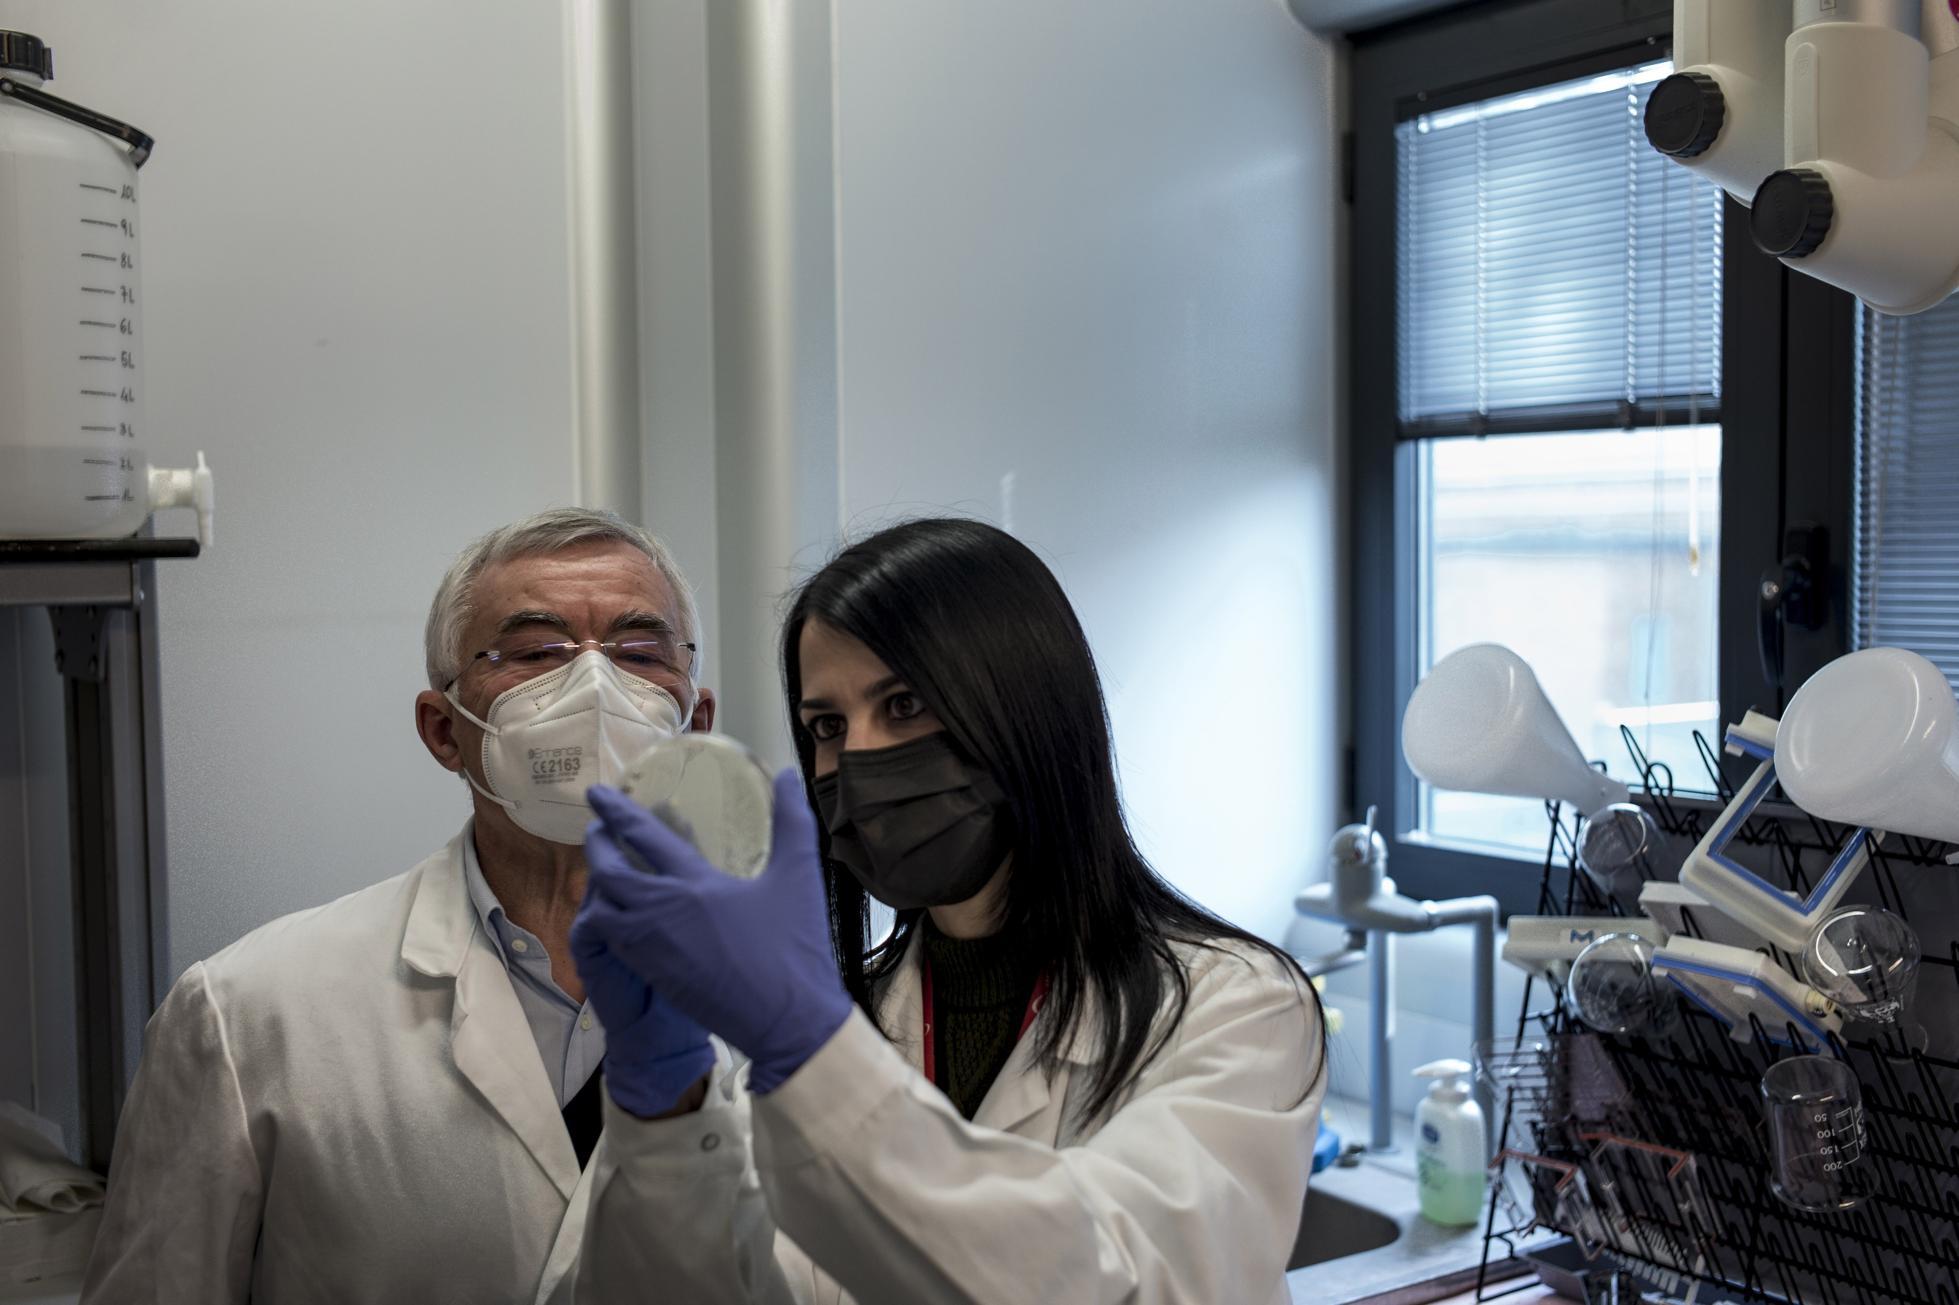 Scientists Explore Human Antibodies Against Covid-19